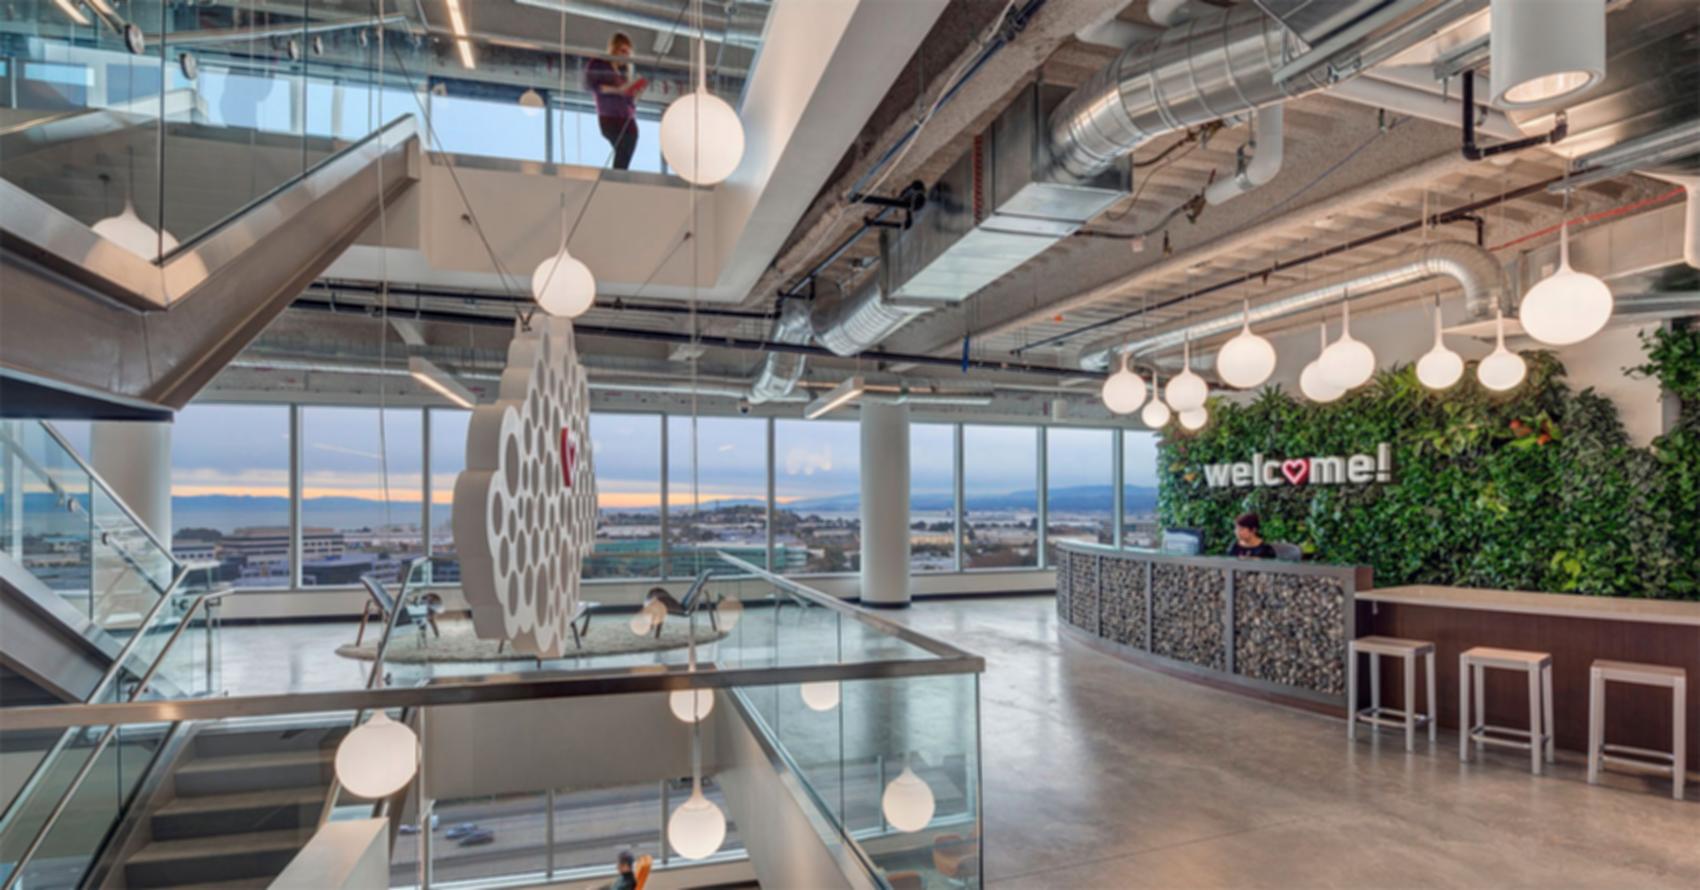 SuccessFactors Office - Reception